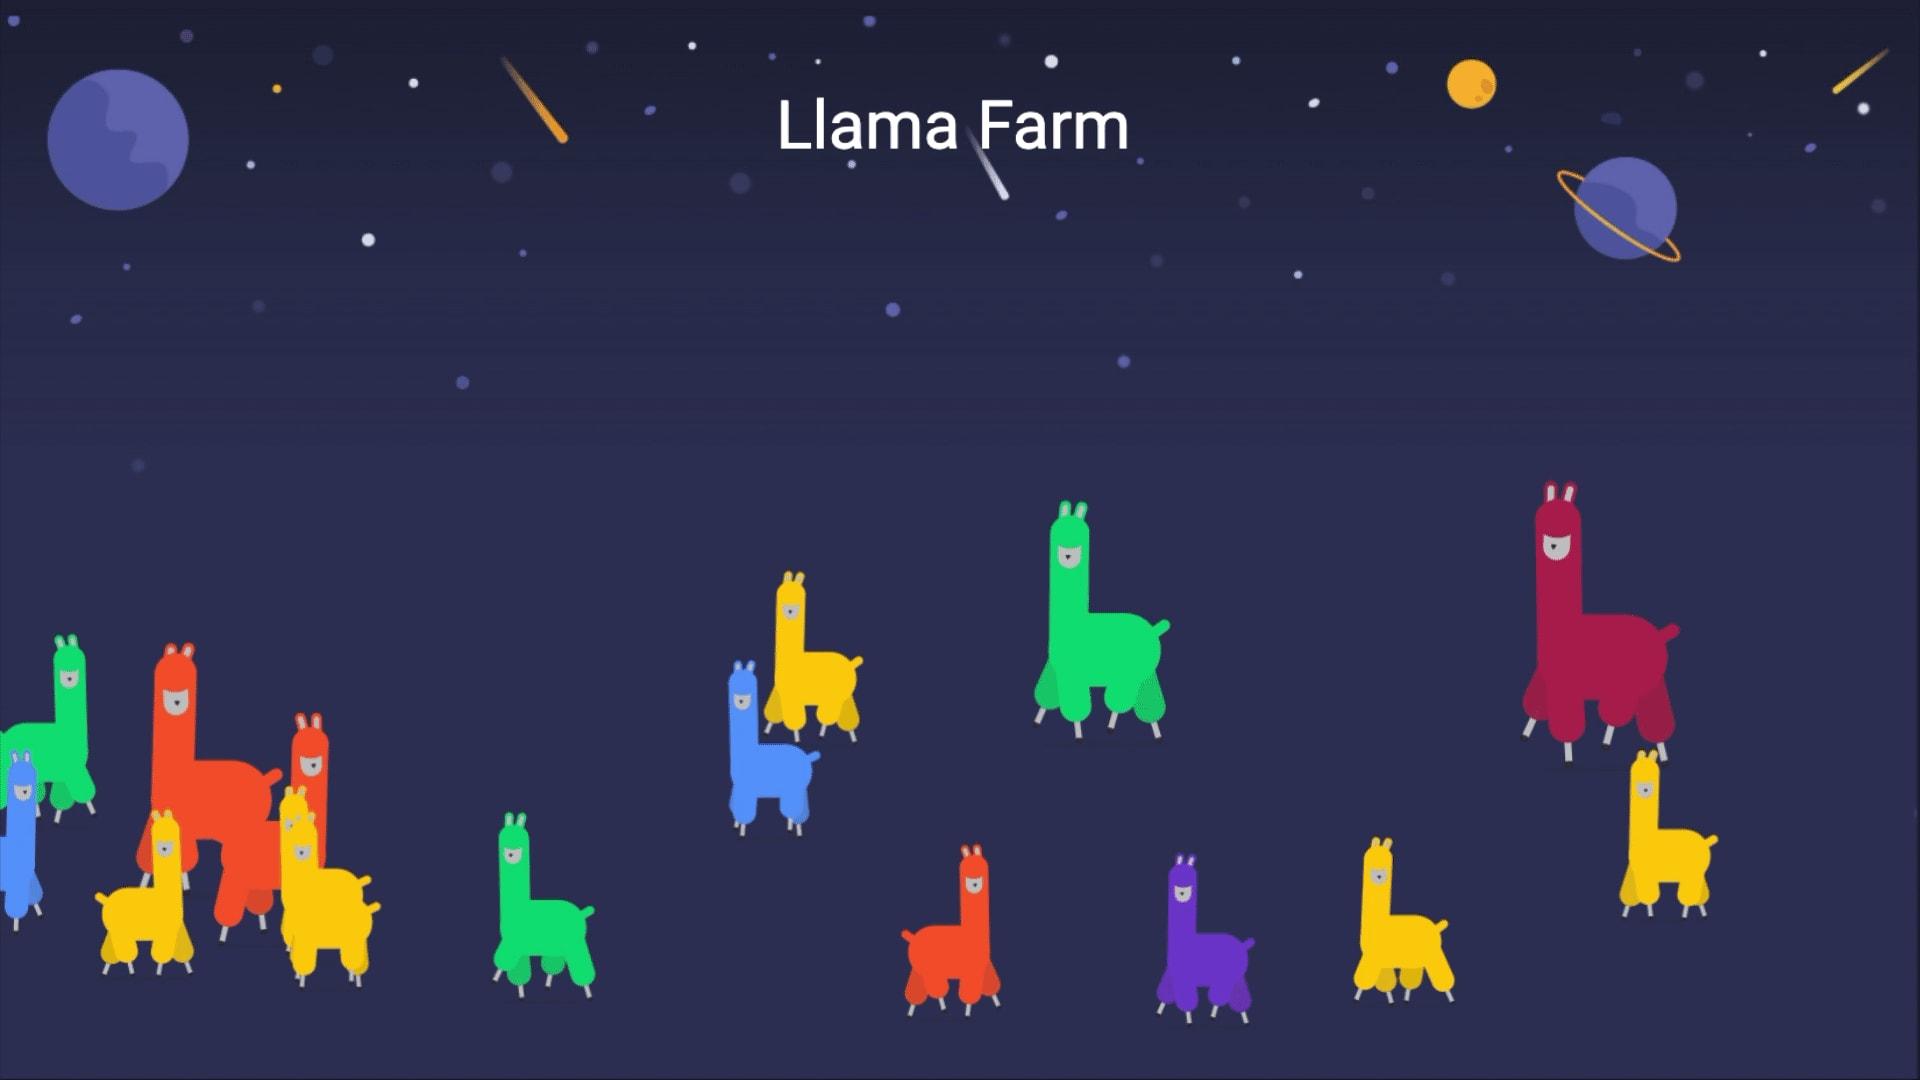 monday.com's llama farm widget